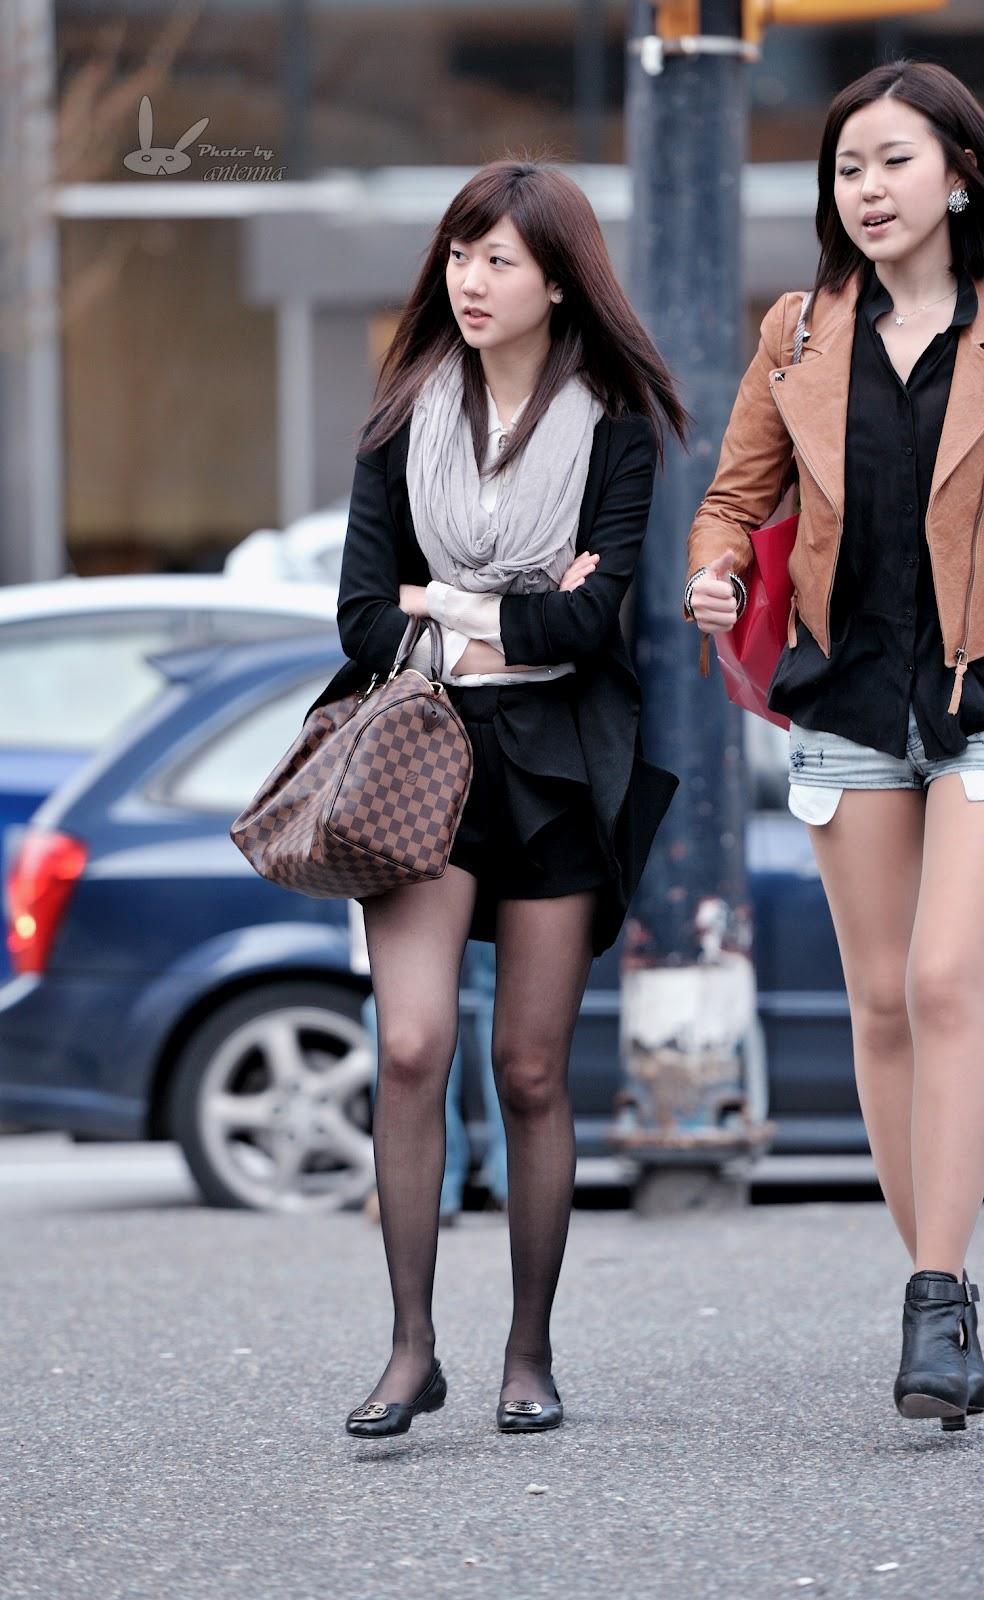 Cross eyed oriental street girls